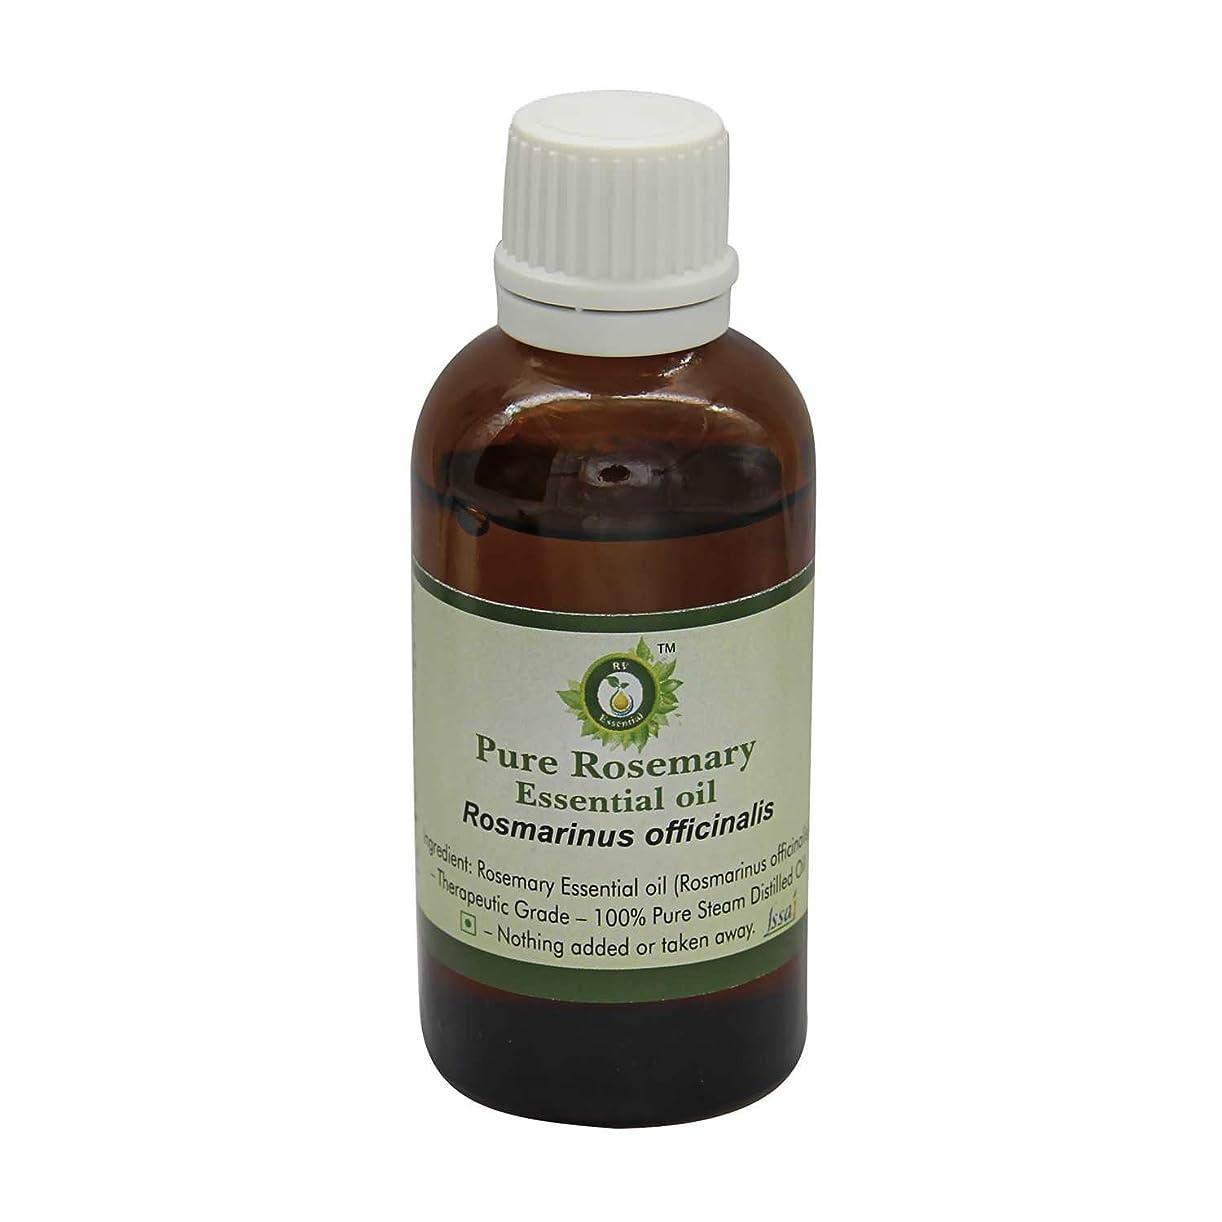 慈善絶望供給R V Essential ピュアローズマリーエッセンシャルオイル30ml (1.01oz)- Rosmarinus Officinalis (100%純粋&天然スチームDistilled) Pure Rosemary Essential Oil